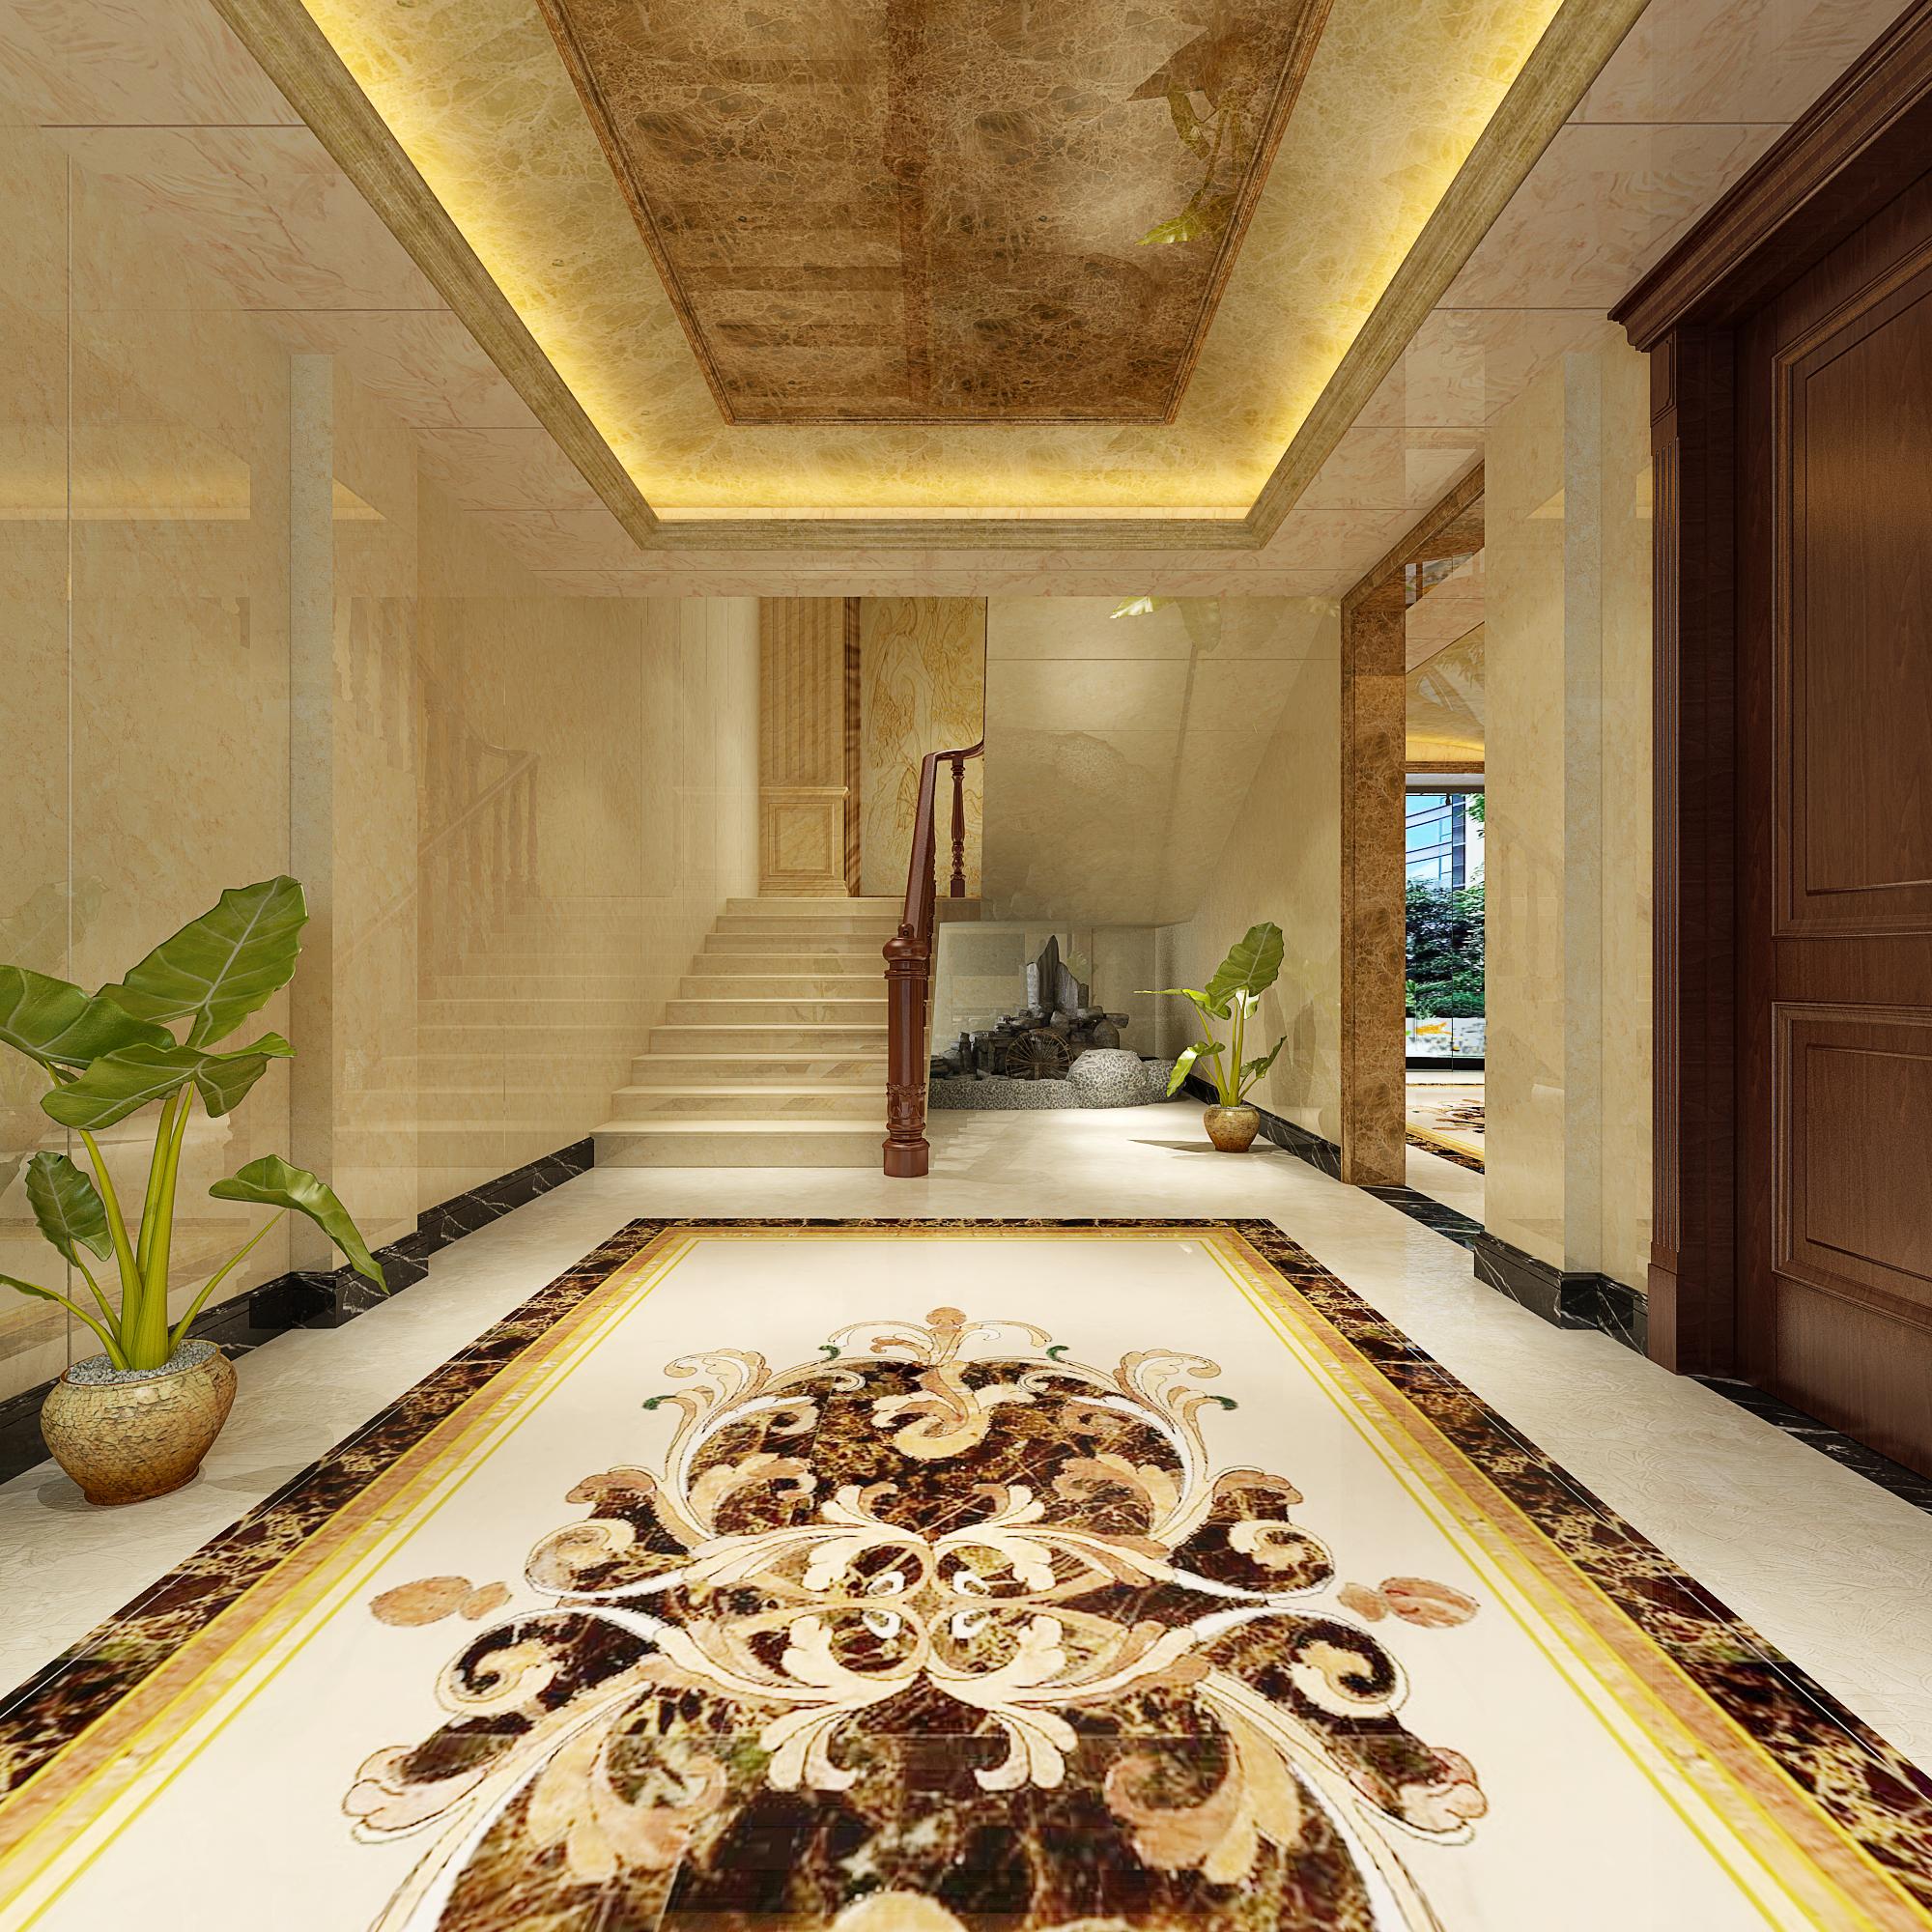 室内空间改造 广州室内空间改造价格 广东室内空间改造材料 广东室内空间改造